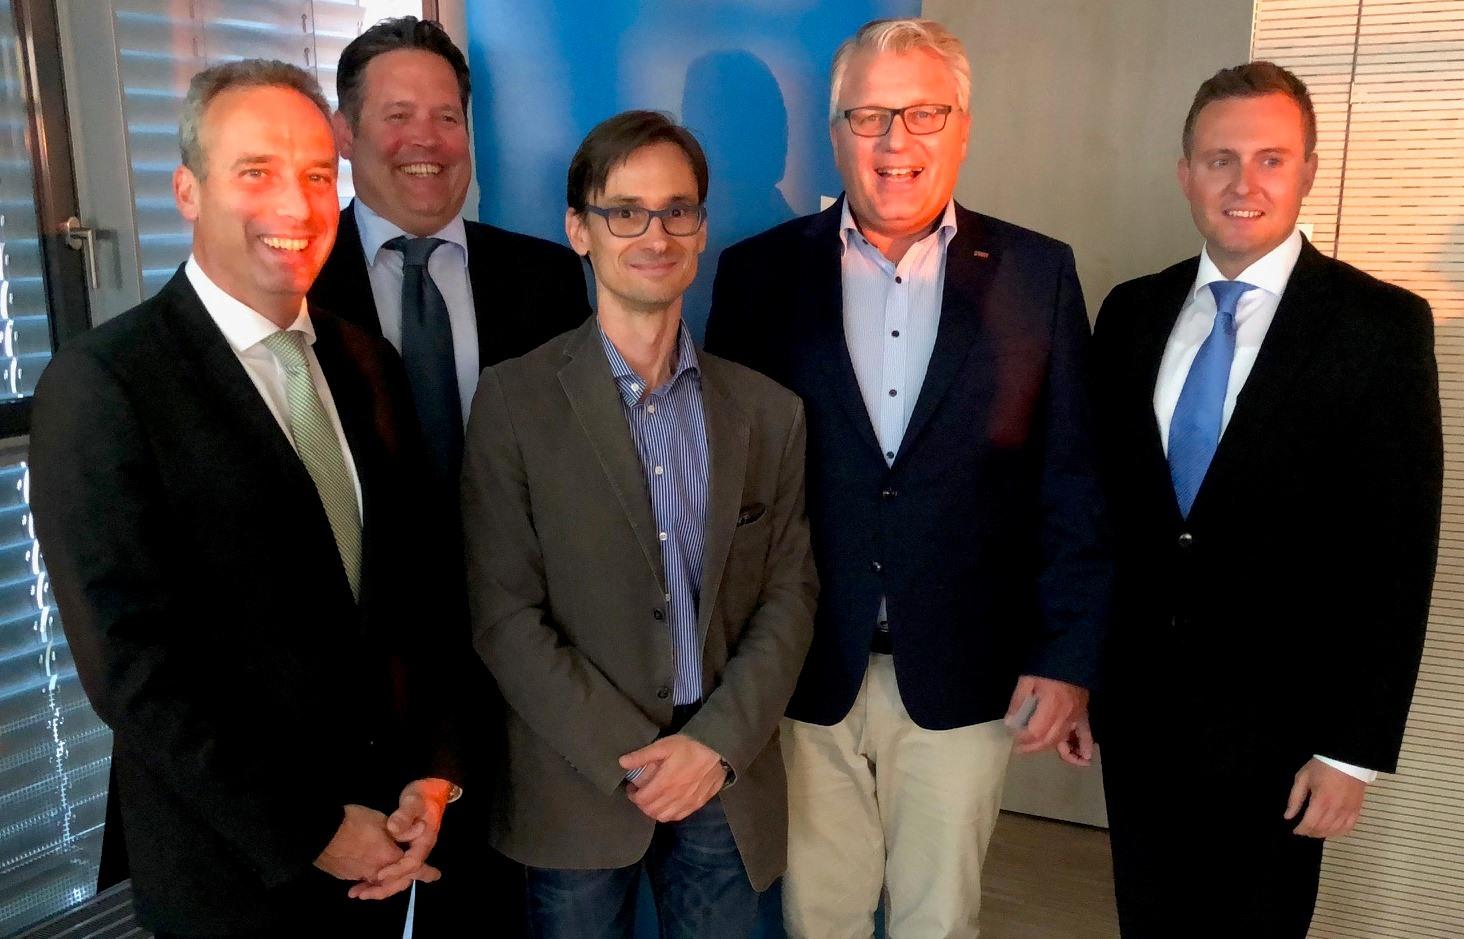 v.l. Peter Zahmel, Mirko Lange, Carsten Göthner, Frank Murmann, Eduard Fuhrmann (Leiter Firmenkundenbetreuung Volksbank Unna)